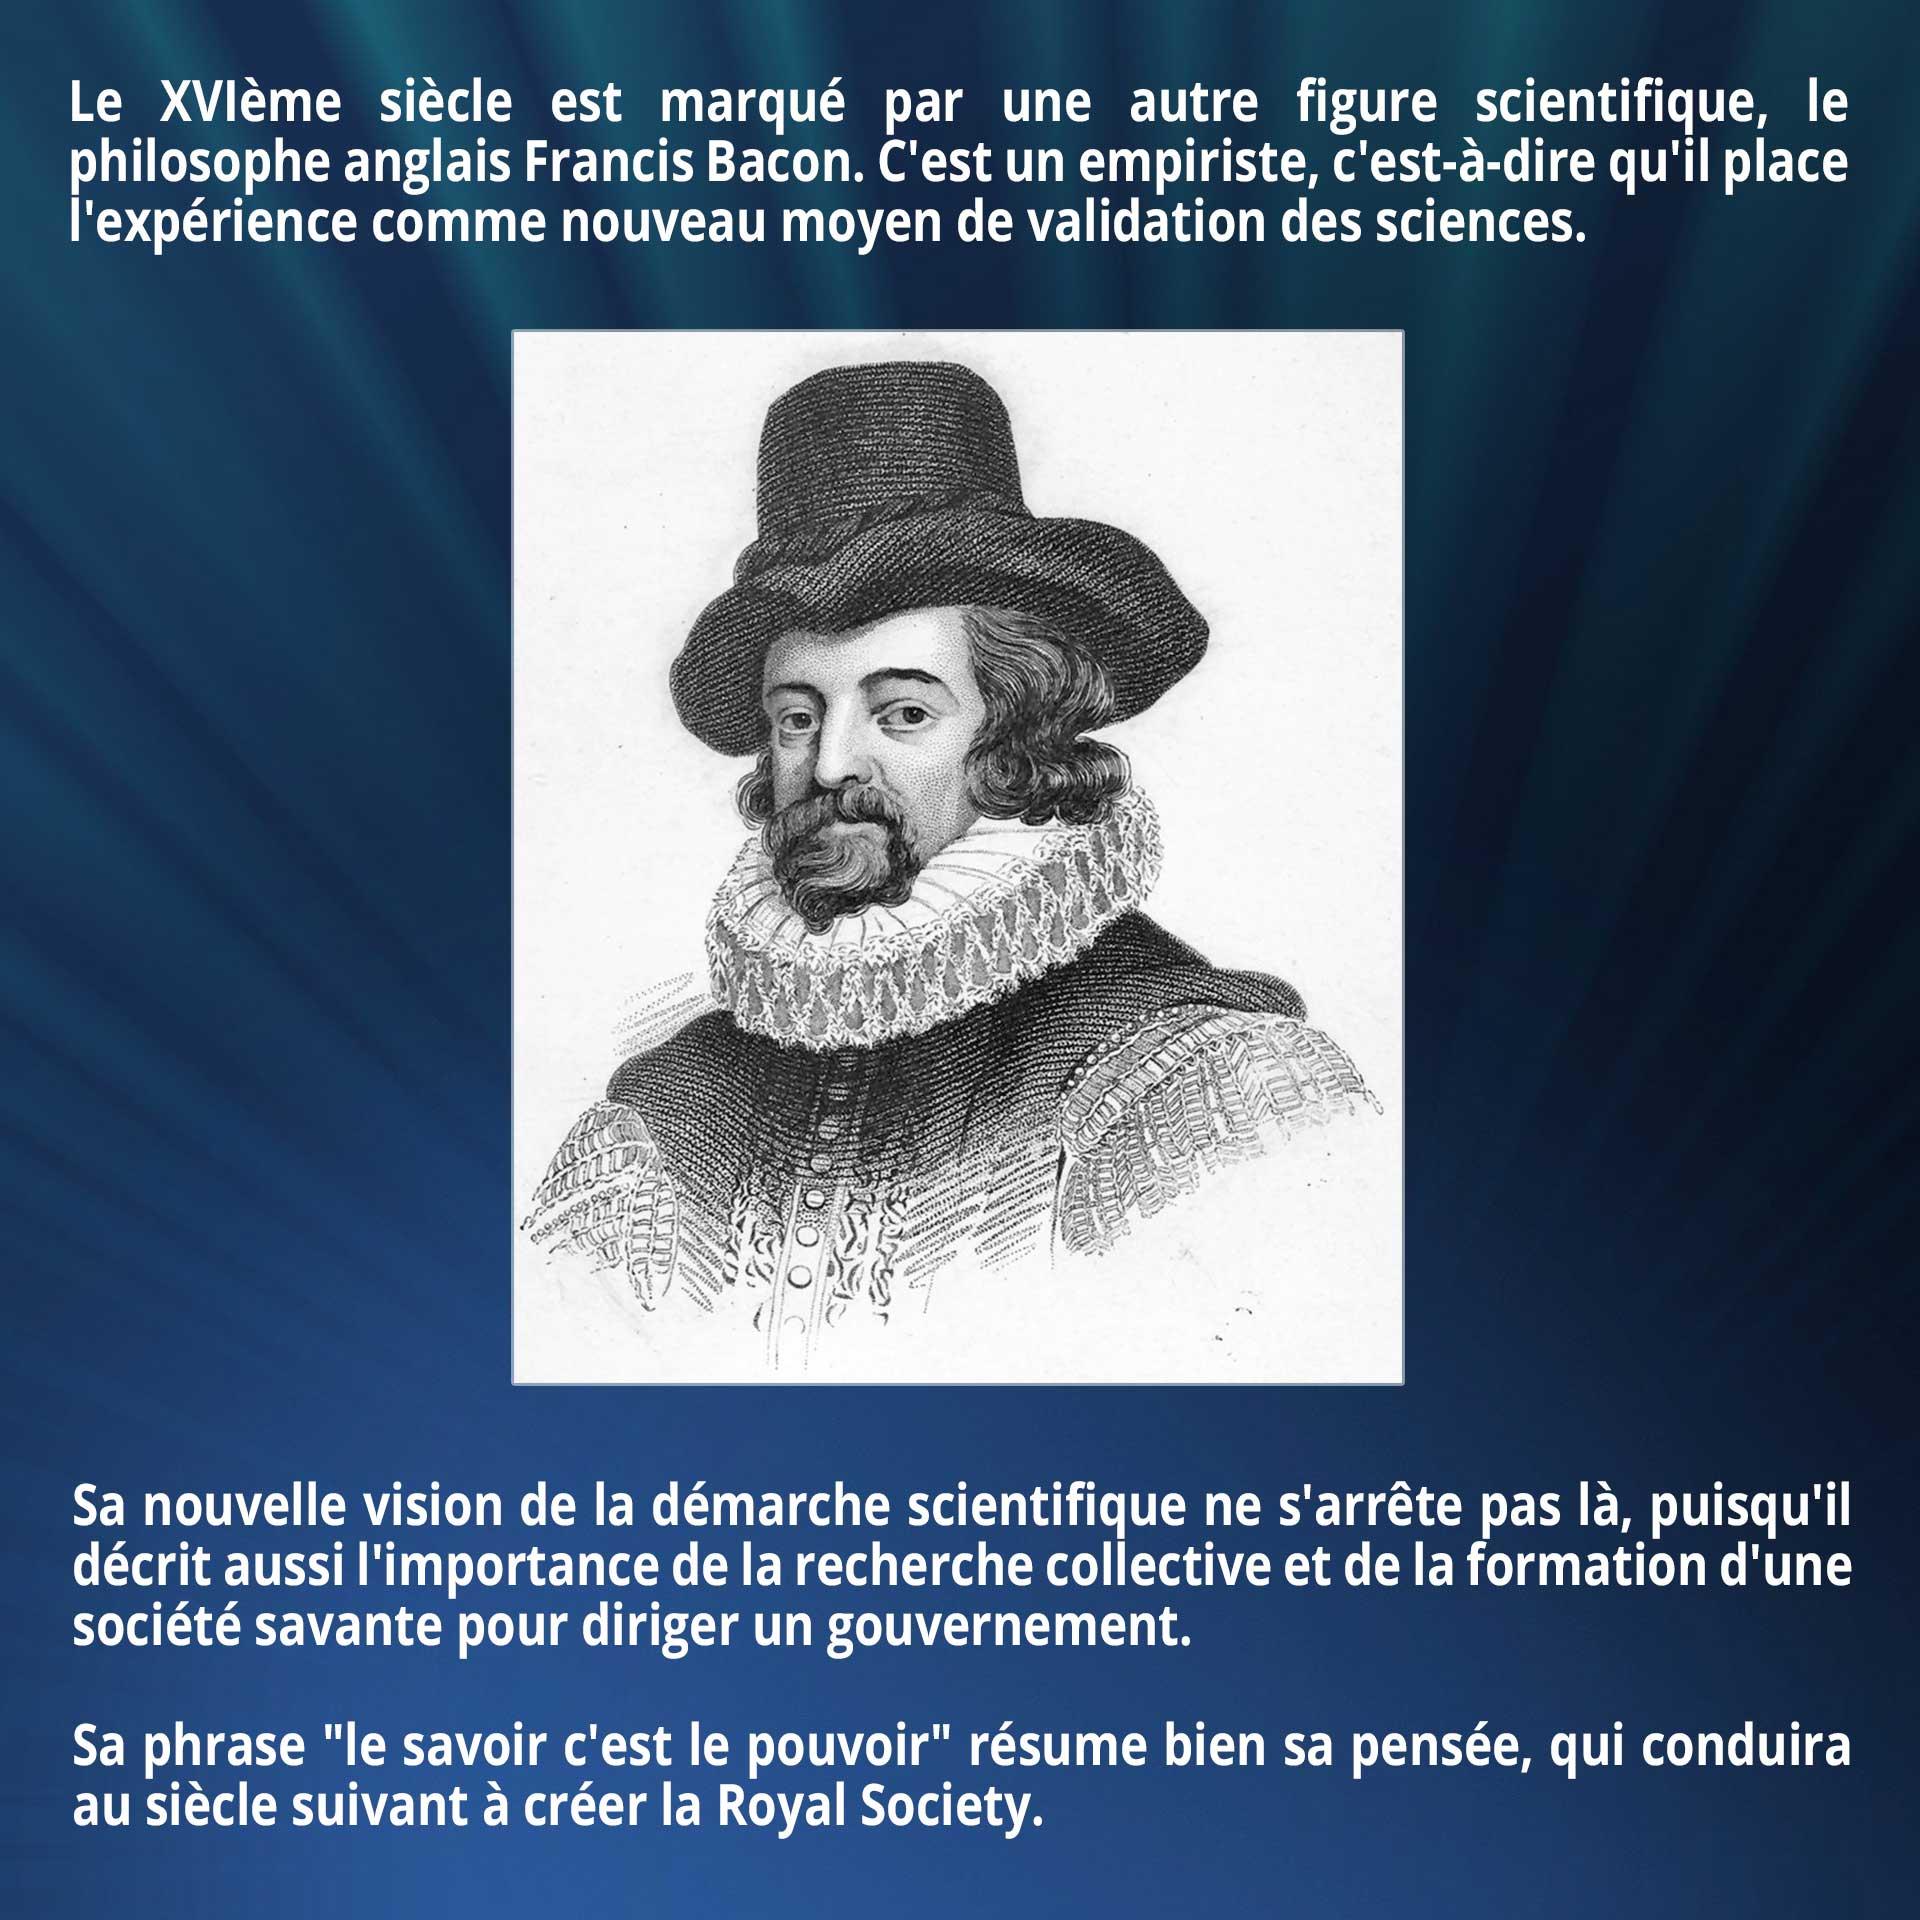 Le XVIème siècle est marqué par une autre figure scientifique, le philosophe anglais Francis Bacon. C'est un empiriste, c'est-à-dire qu'il place l'expérience comme nouveau moyen de validation des sciences. Sa nouvelle vision de la démarche scientifique ne s'arrête pas là, puisqu'il décrit aussi l'importance de la recherche collective et de la formation d'une société savante pour diriger un gouvernement. Sa phrase